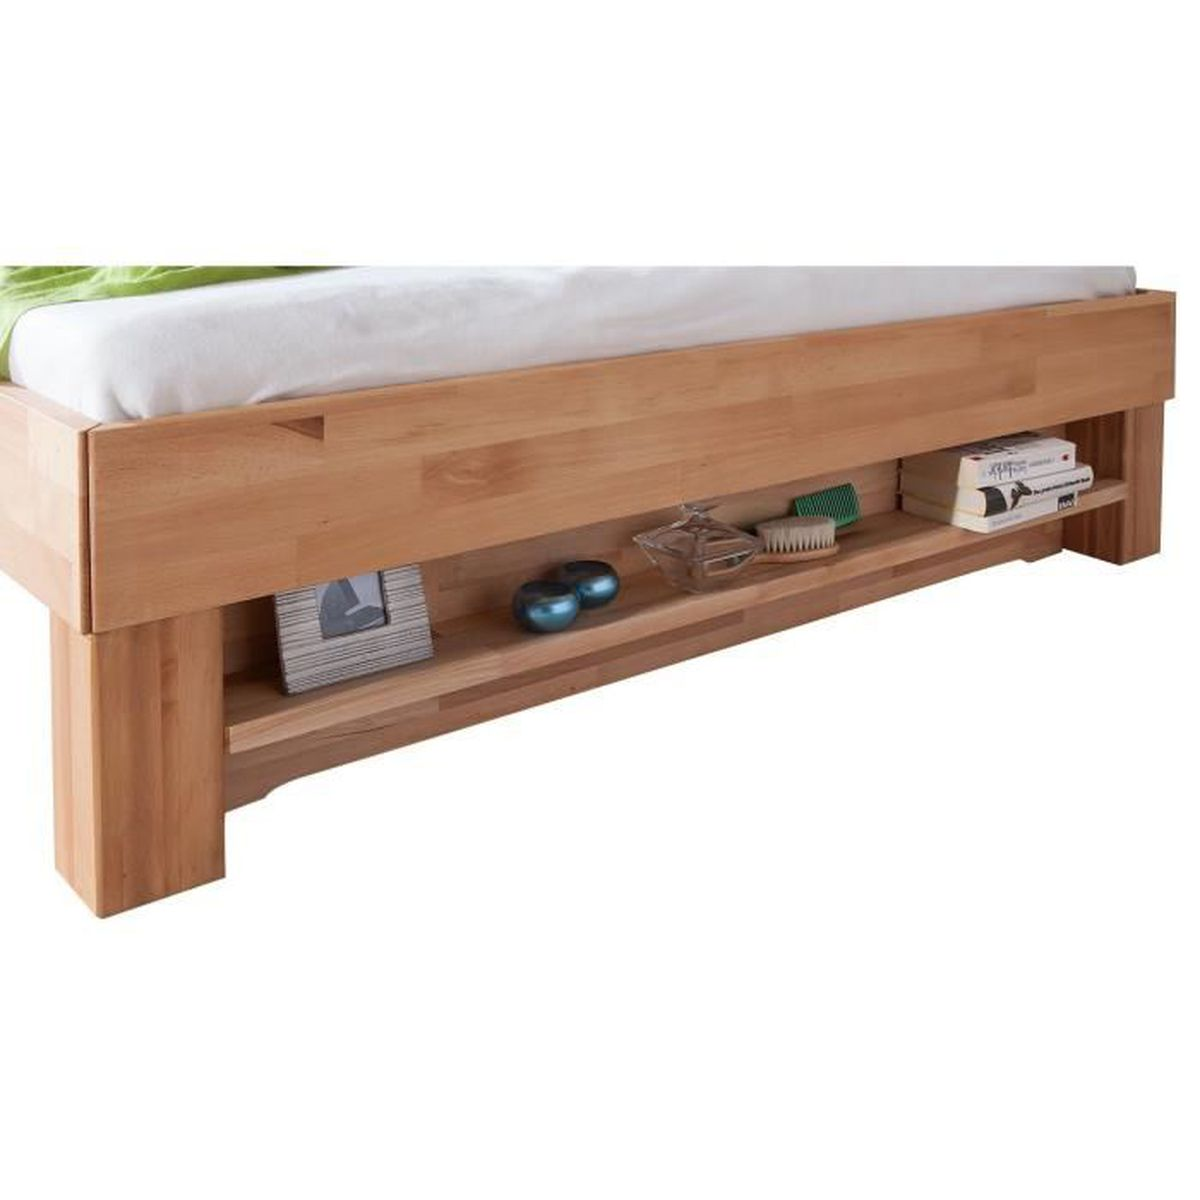 tag re pour lit en bois massif de h tre huil 140 cm. Black Bedroom Furniture Sets. Home Design Ideas